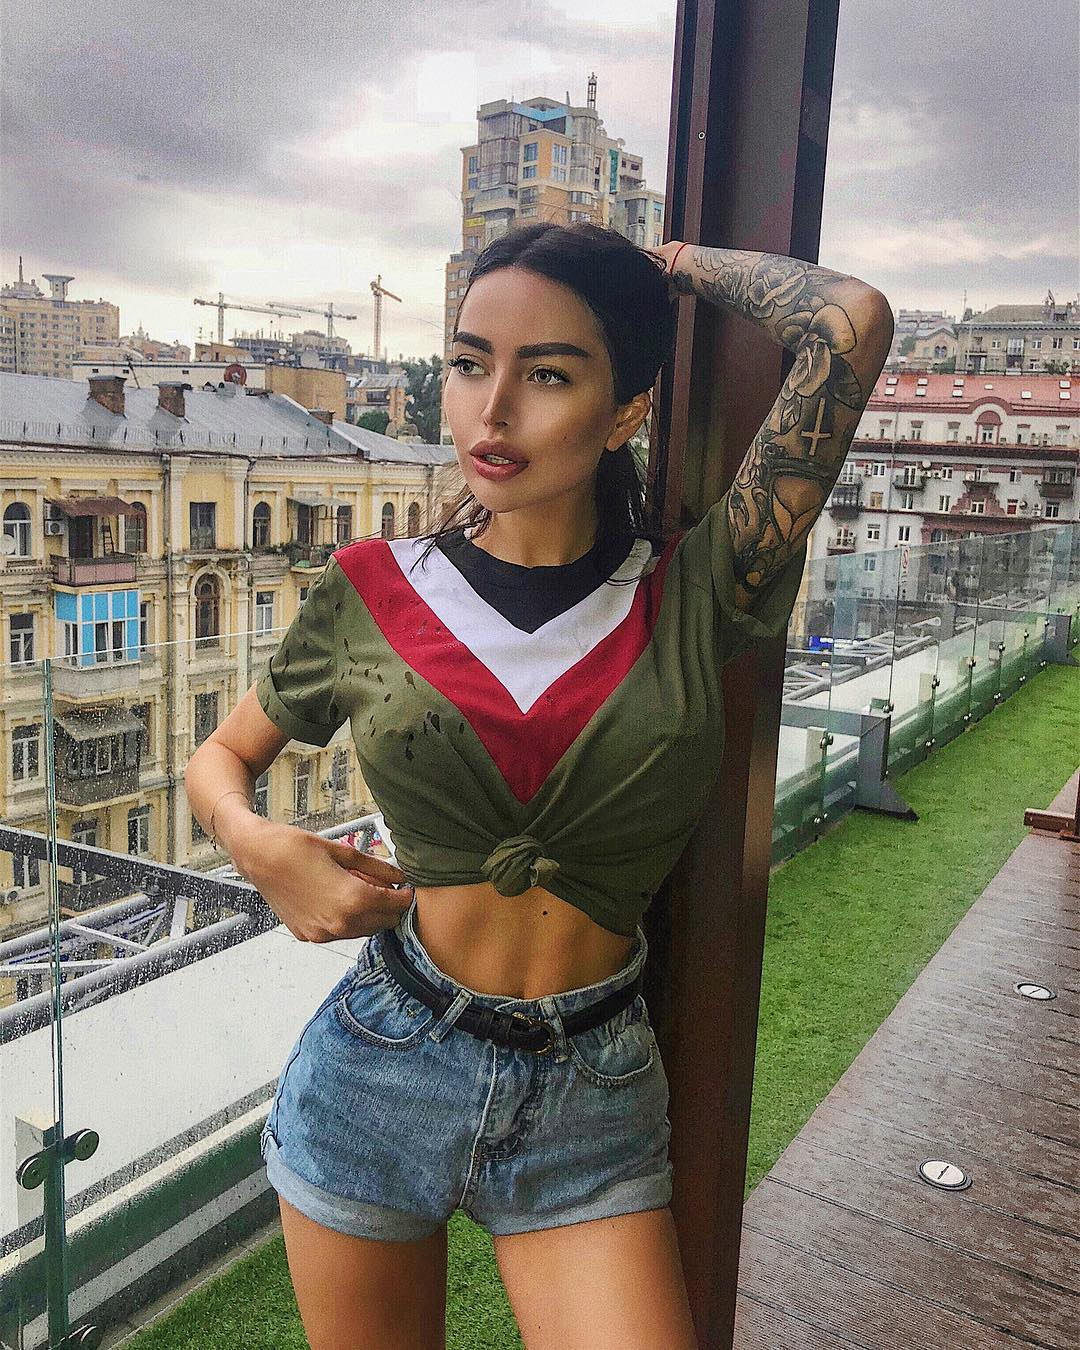 Alena-Omovych-Wallpapers-Insta-Fit-Bio-14